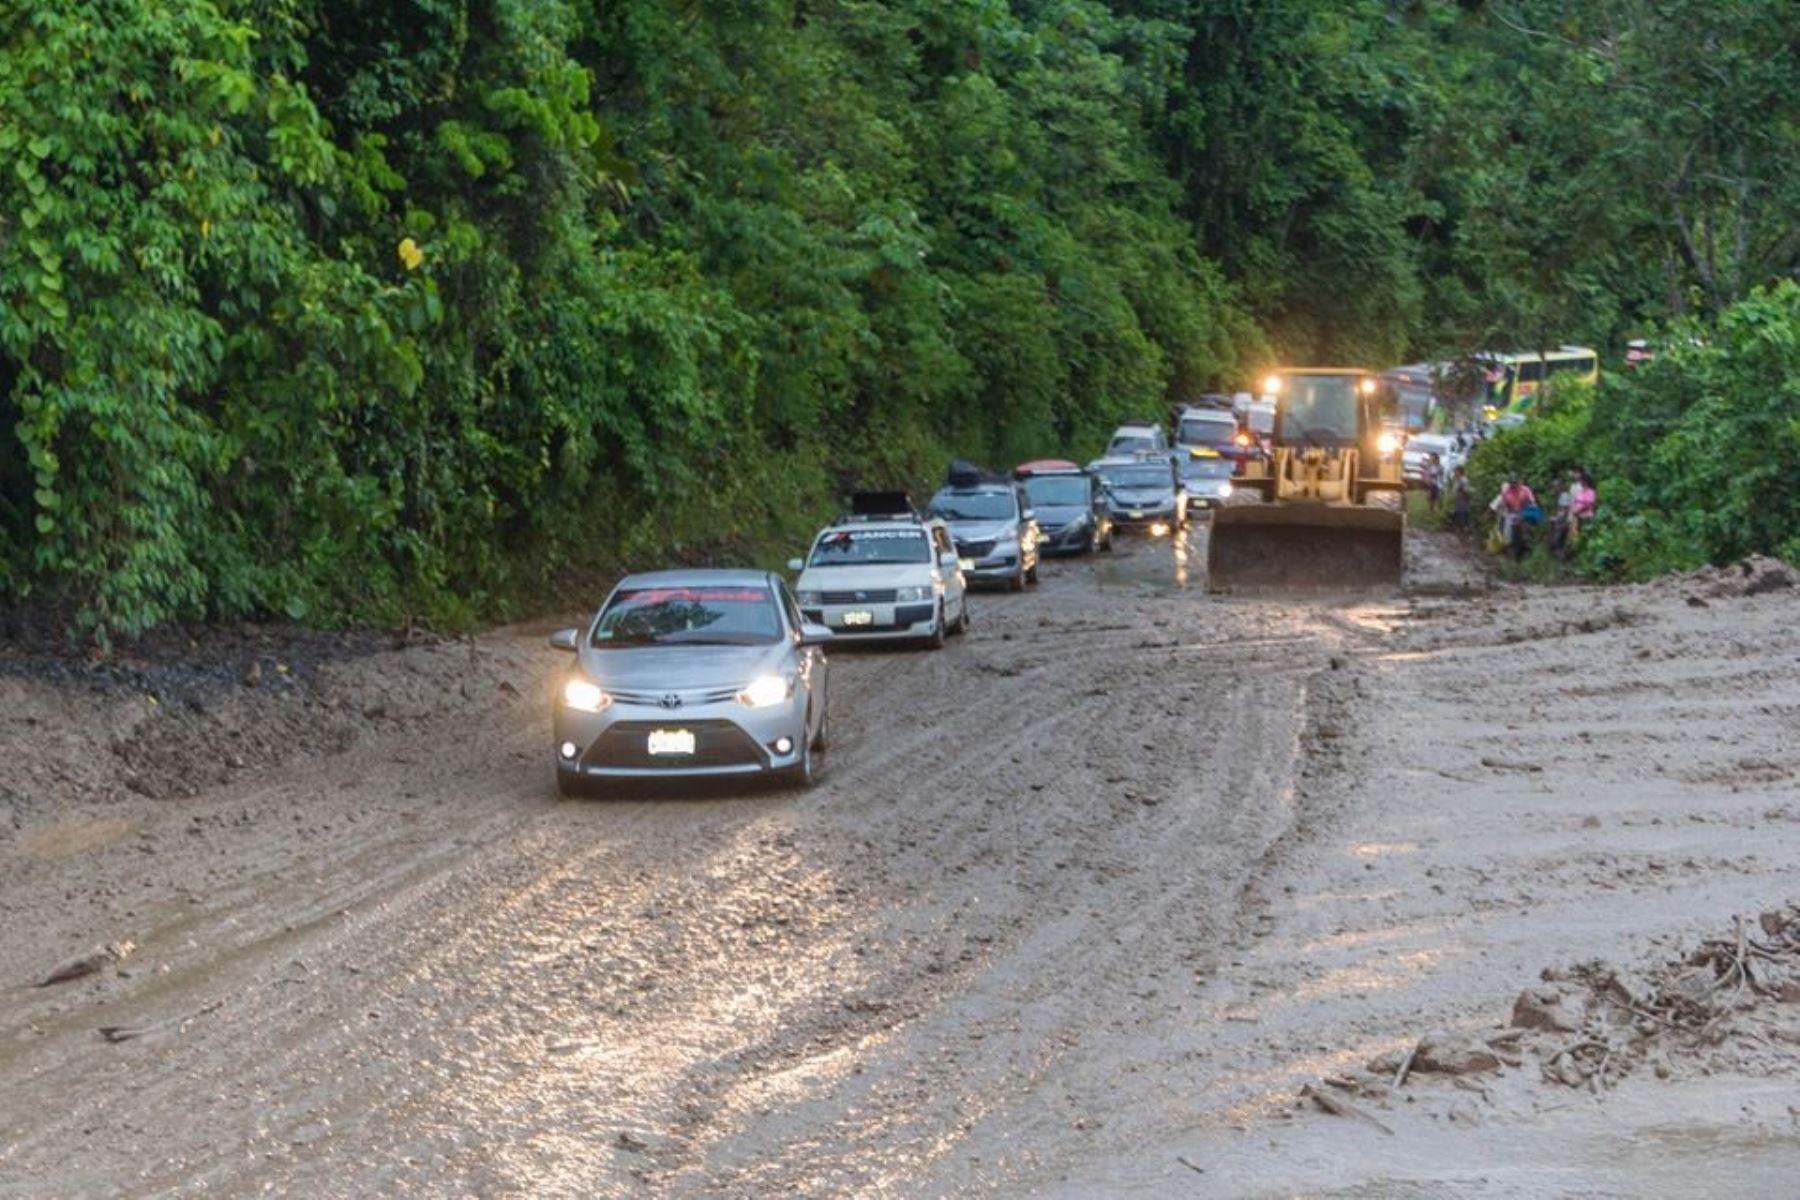 lluvias originaron derrumbes, colapso de puente y berma que afectaron las carreteras en región San Martín.Foto:  ANDINA.